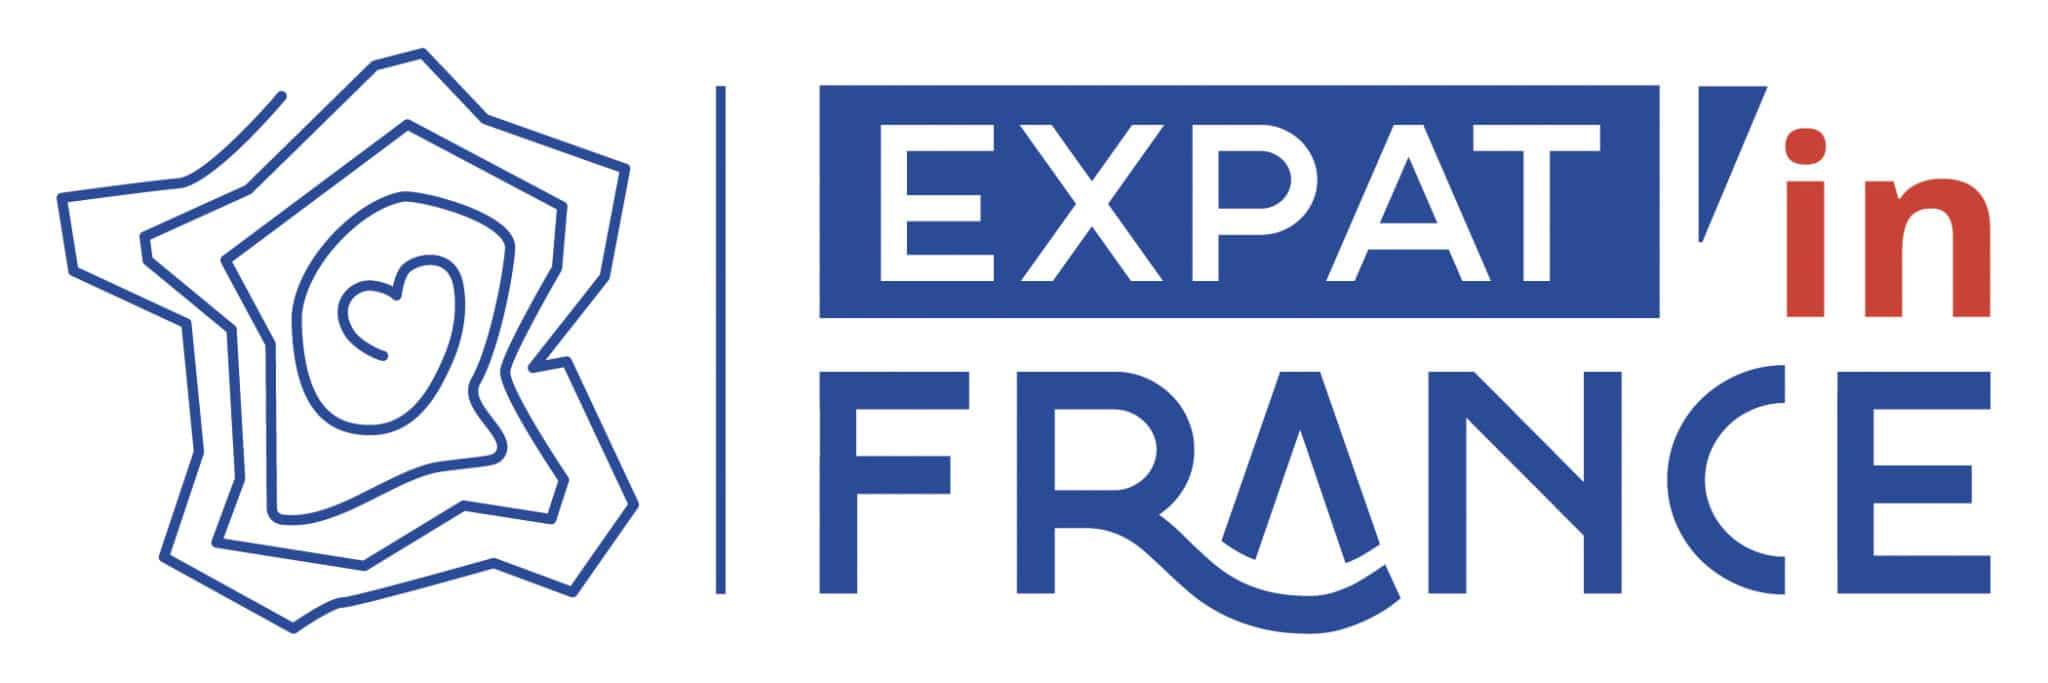 expat in france logo